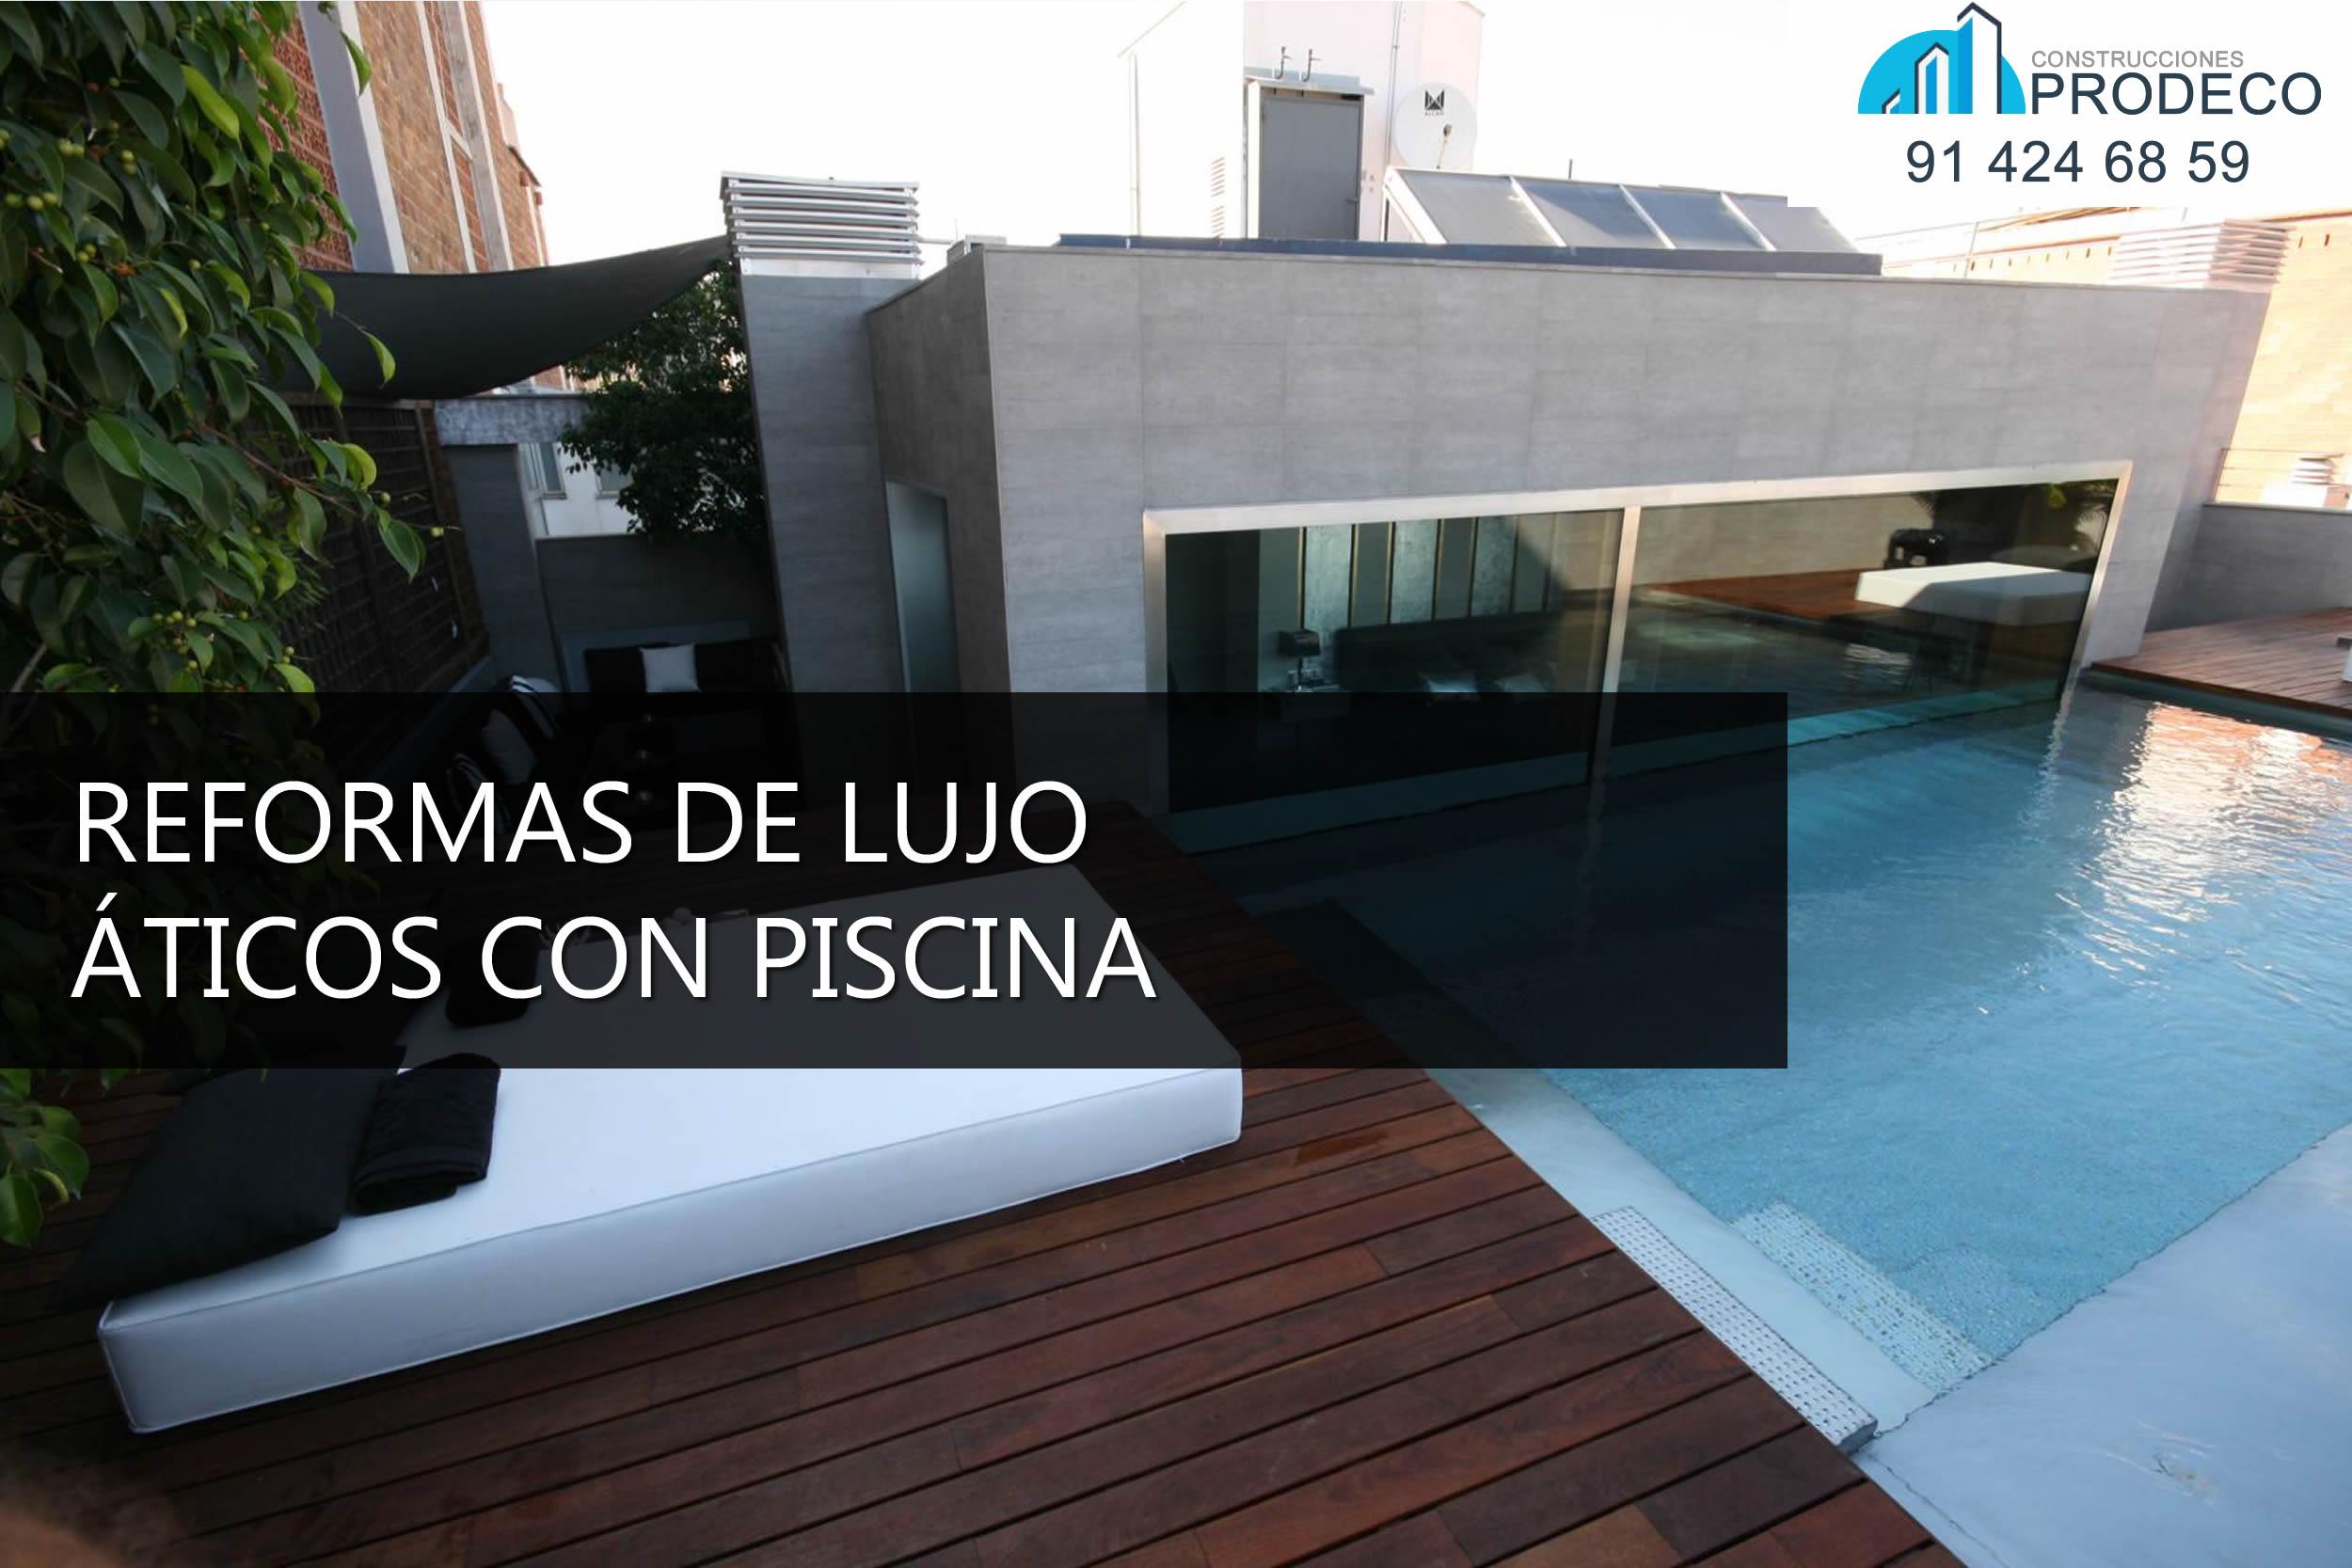 Reformas y microcementos prodeco piscinas page 3 for Aticos con piscina